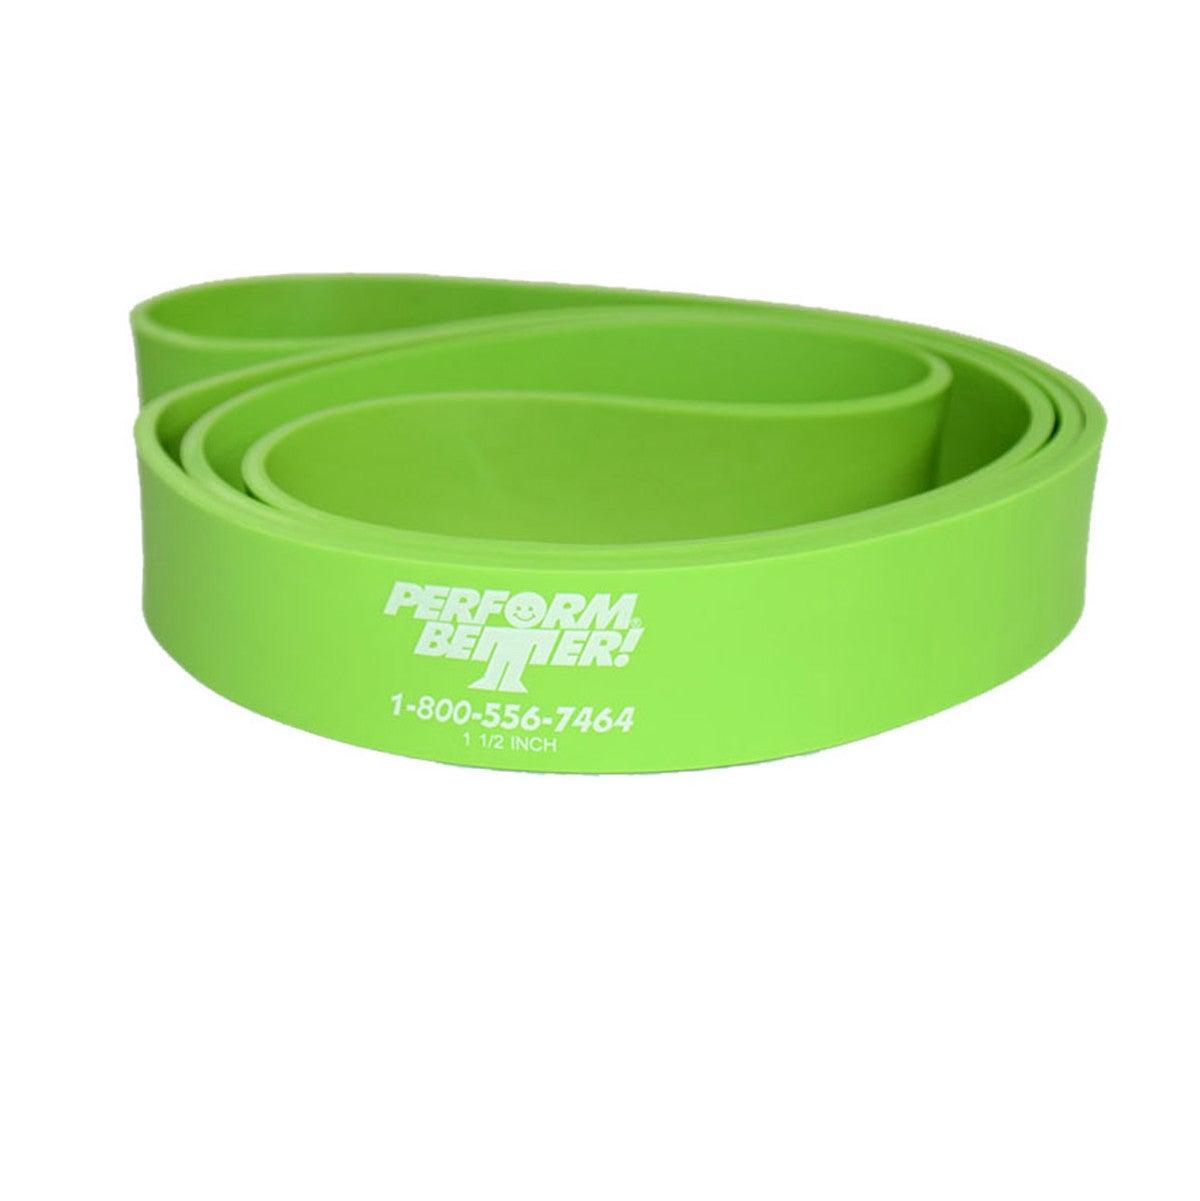 Banda de resistencia para el hogar Perform Better Superband en verde neón